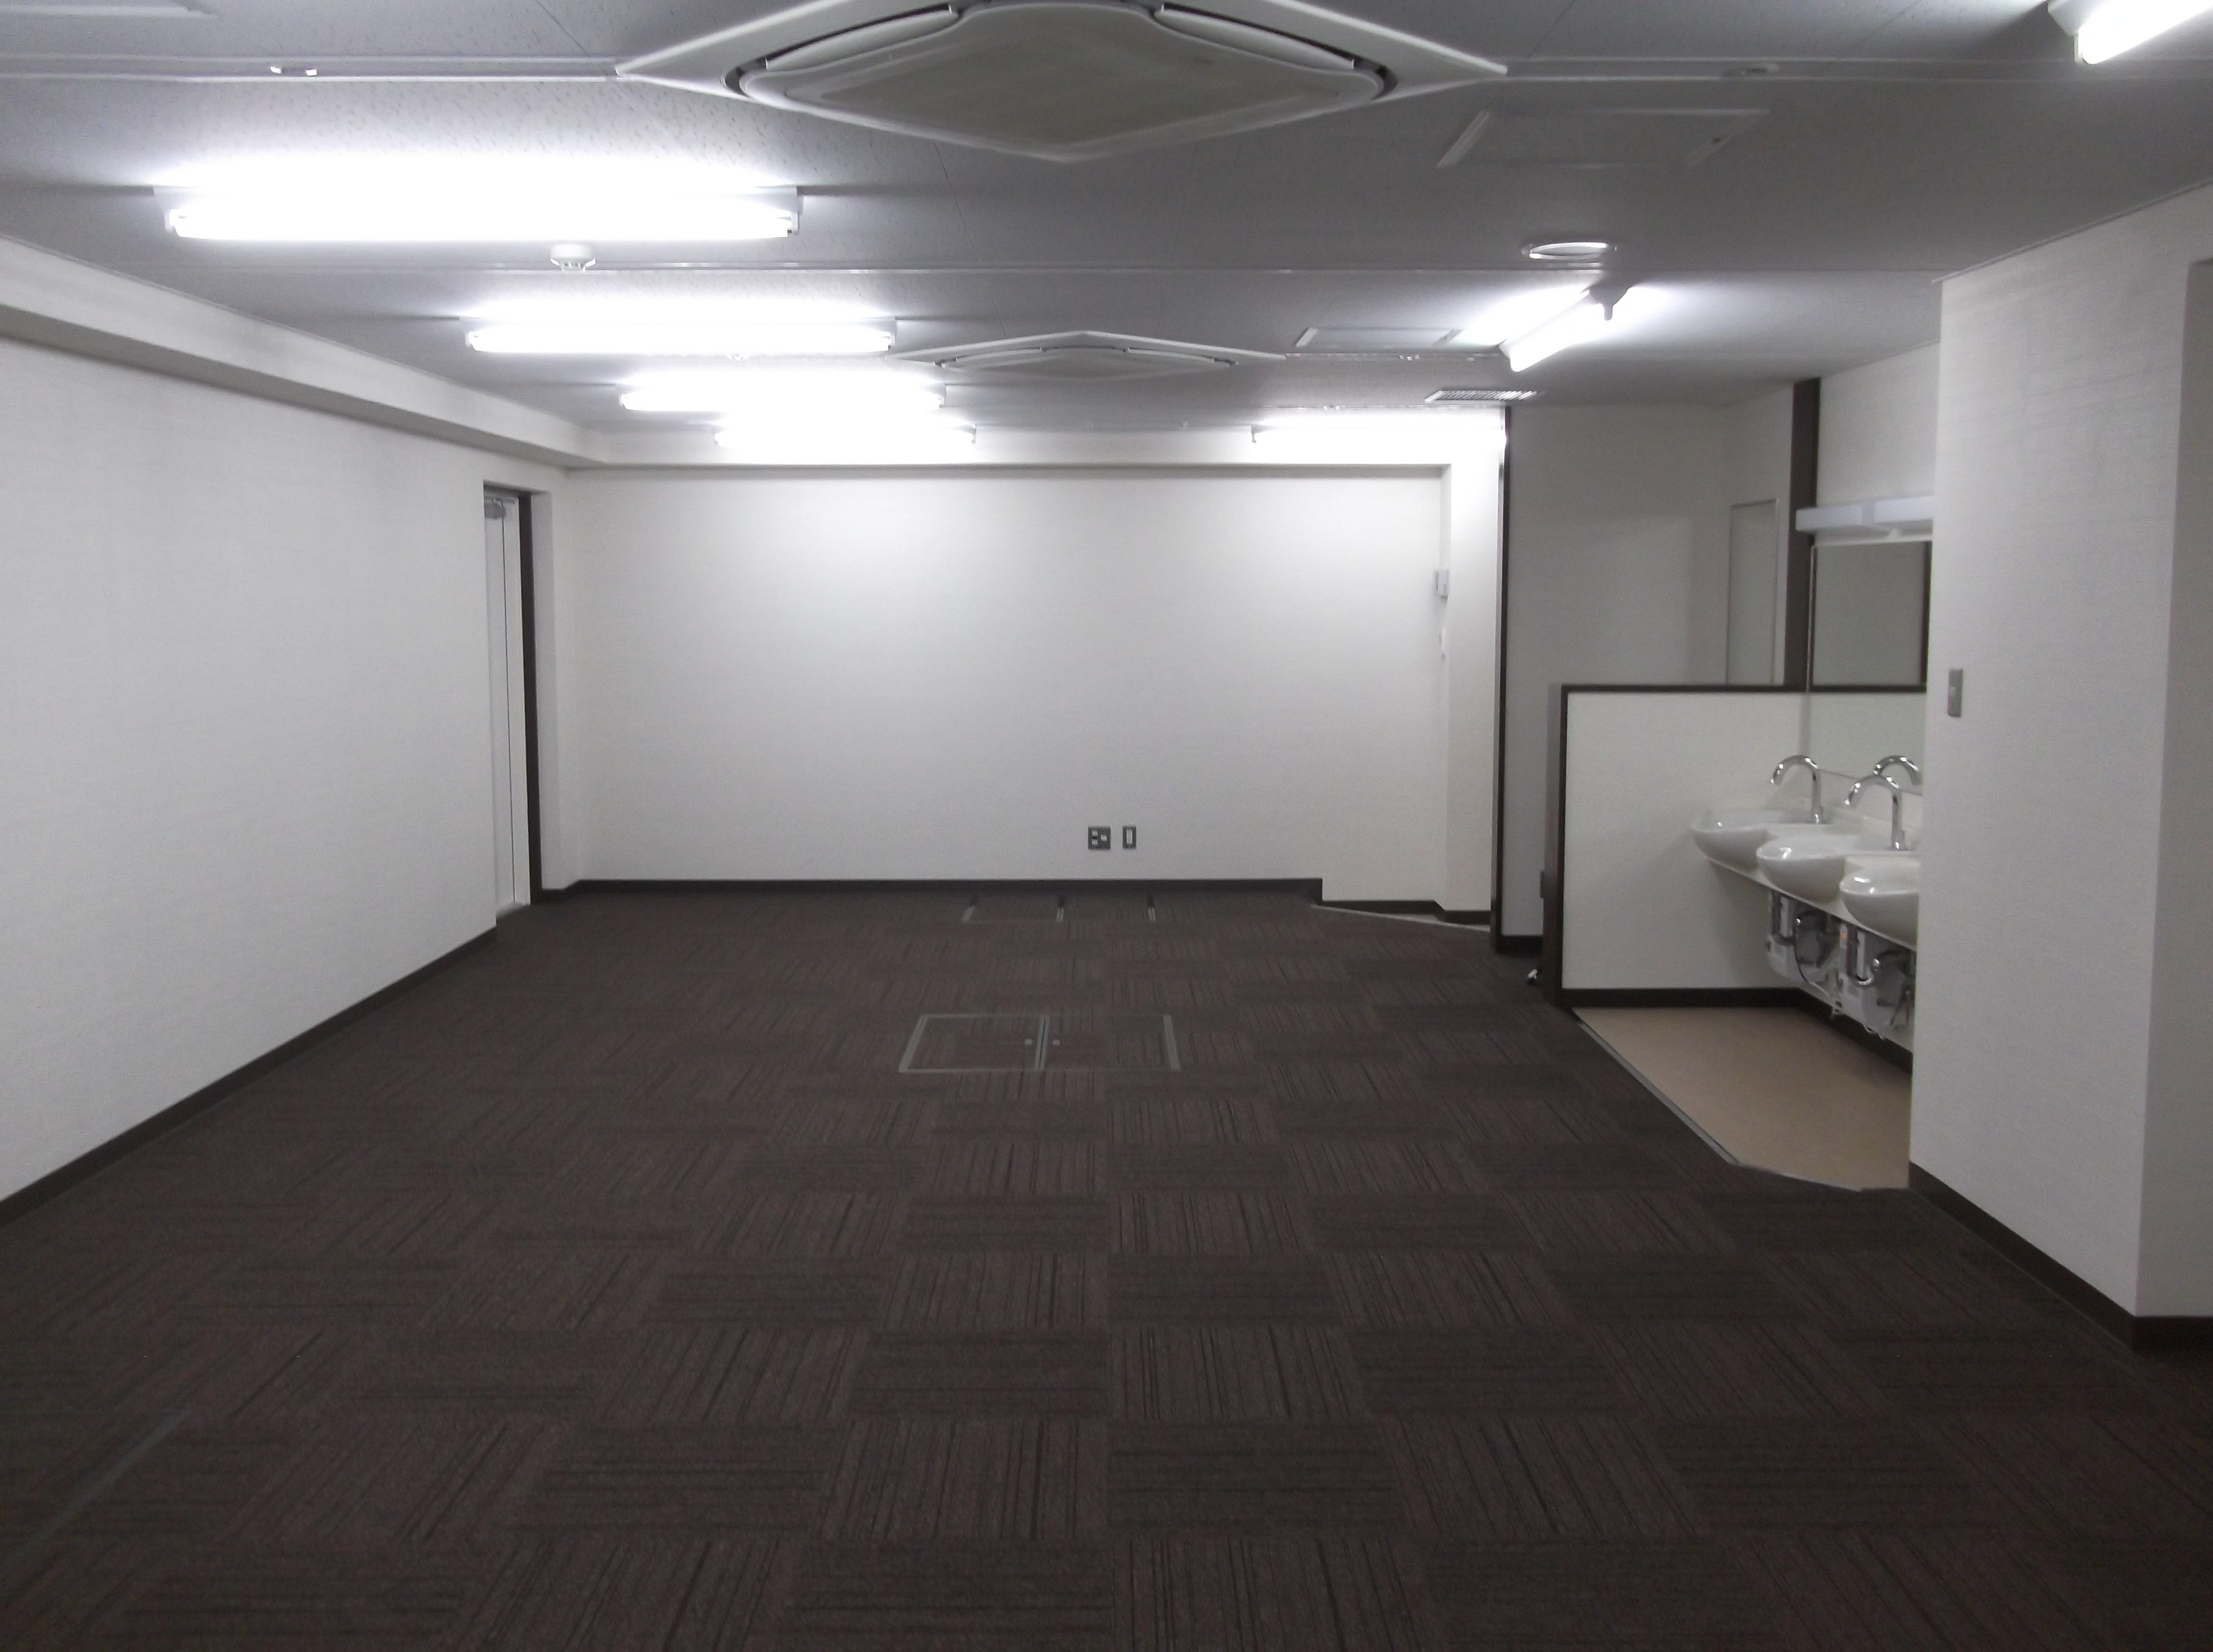 宝塚市 病院増築工事イメージ01